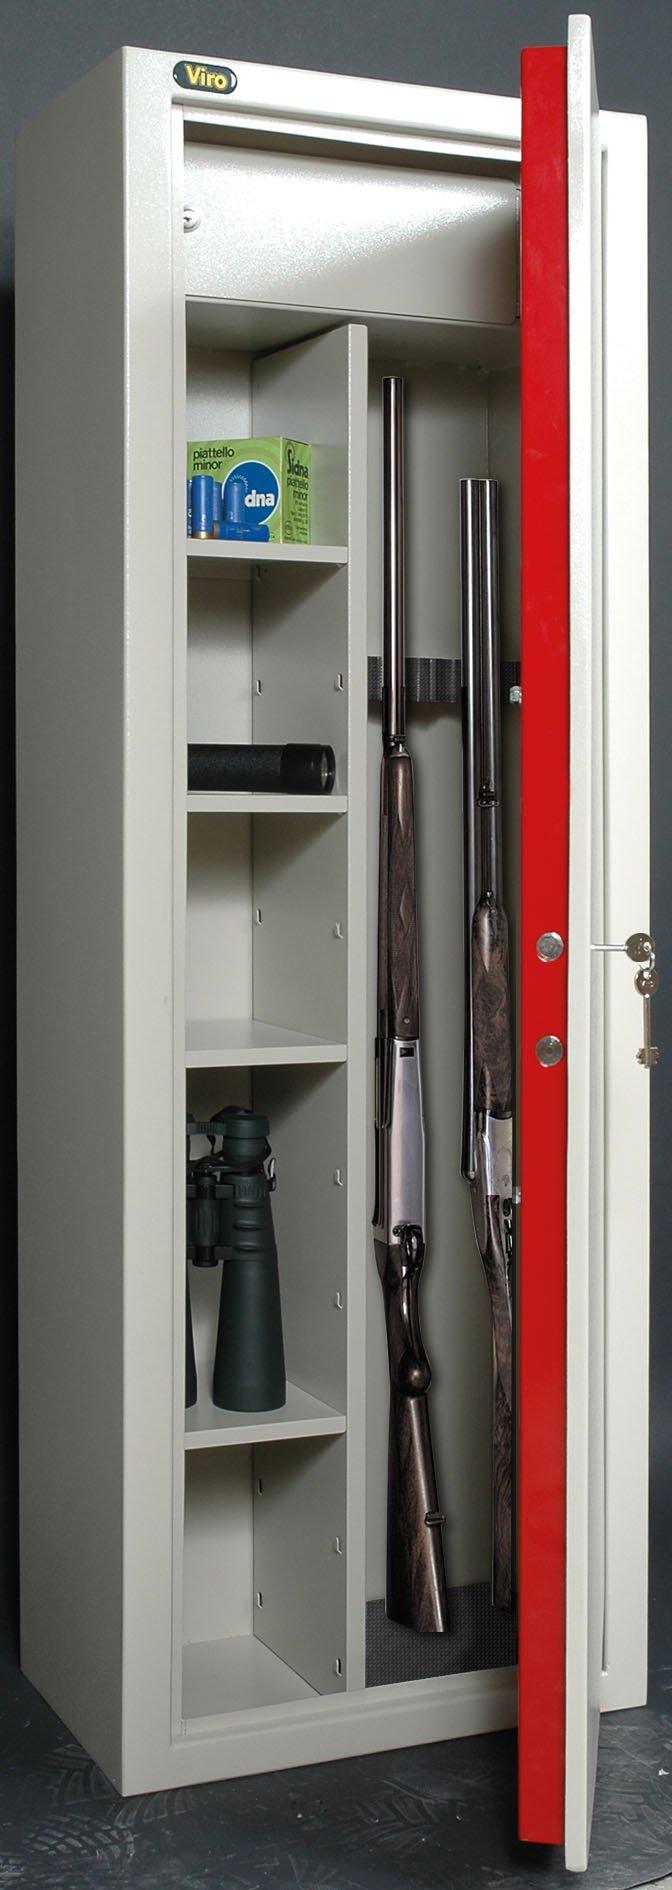 i dettagli degli armadi di sicurezza che fanno la differenza | club viro